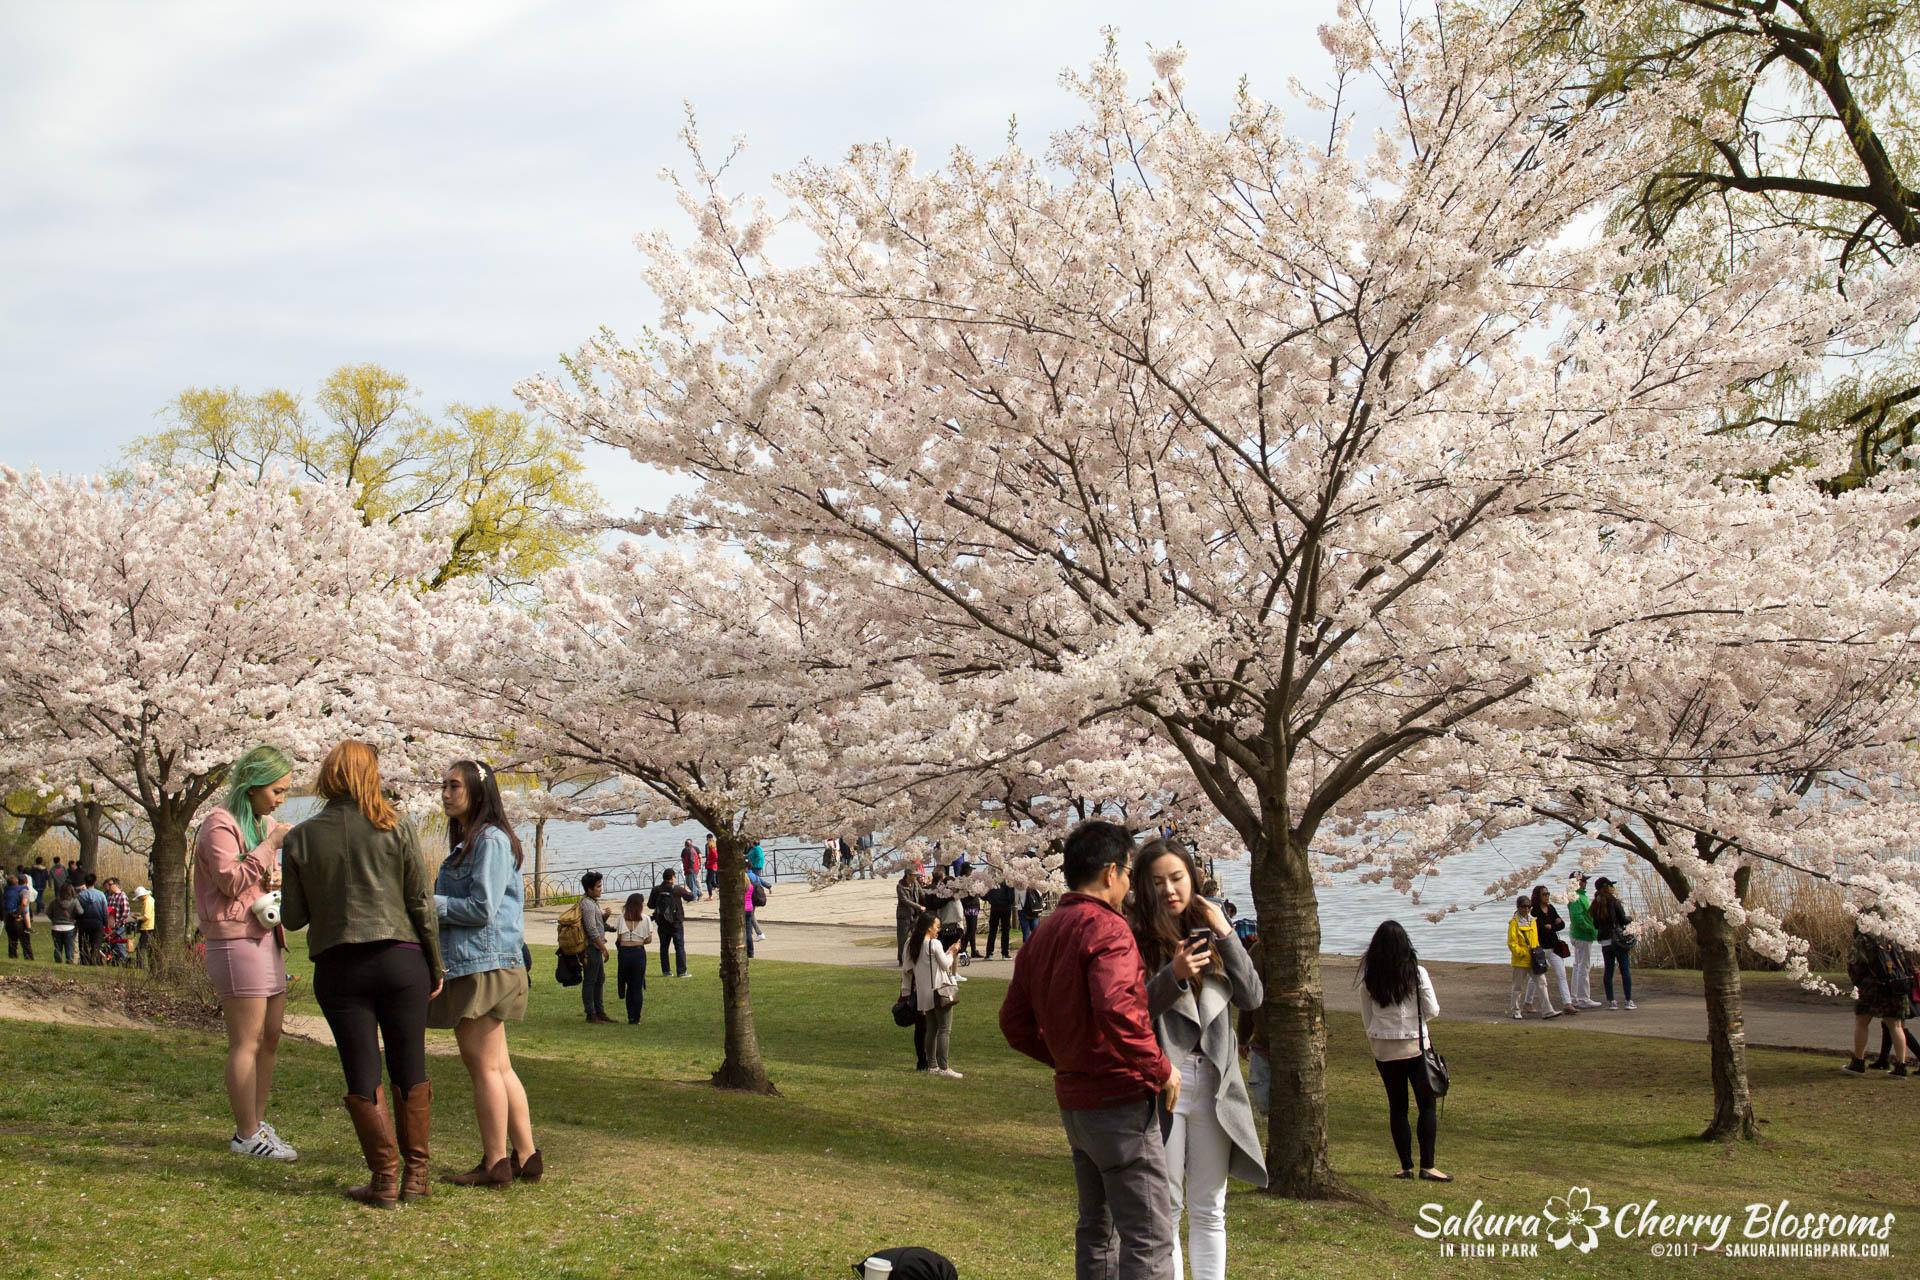 Sakura-Watch-April-28-2017-full-bloom-throughout-High-Park-5820.jpg